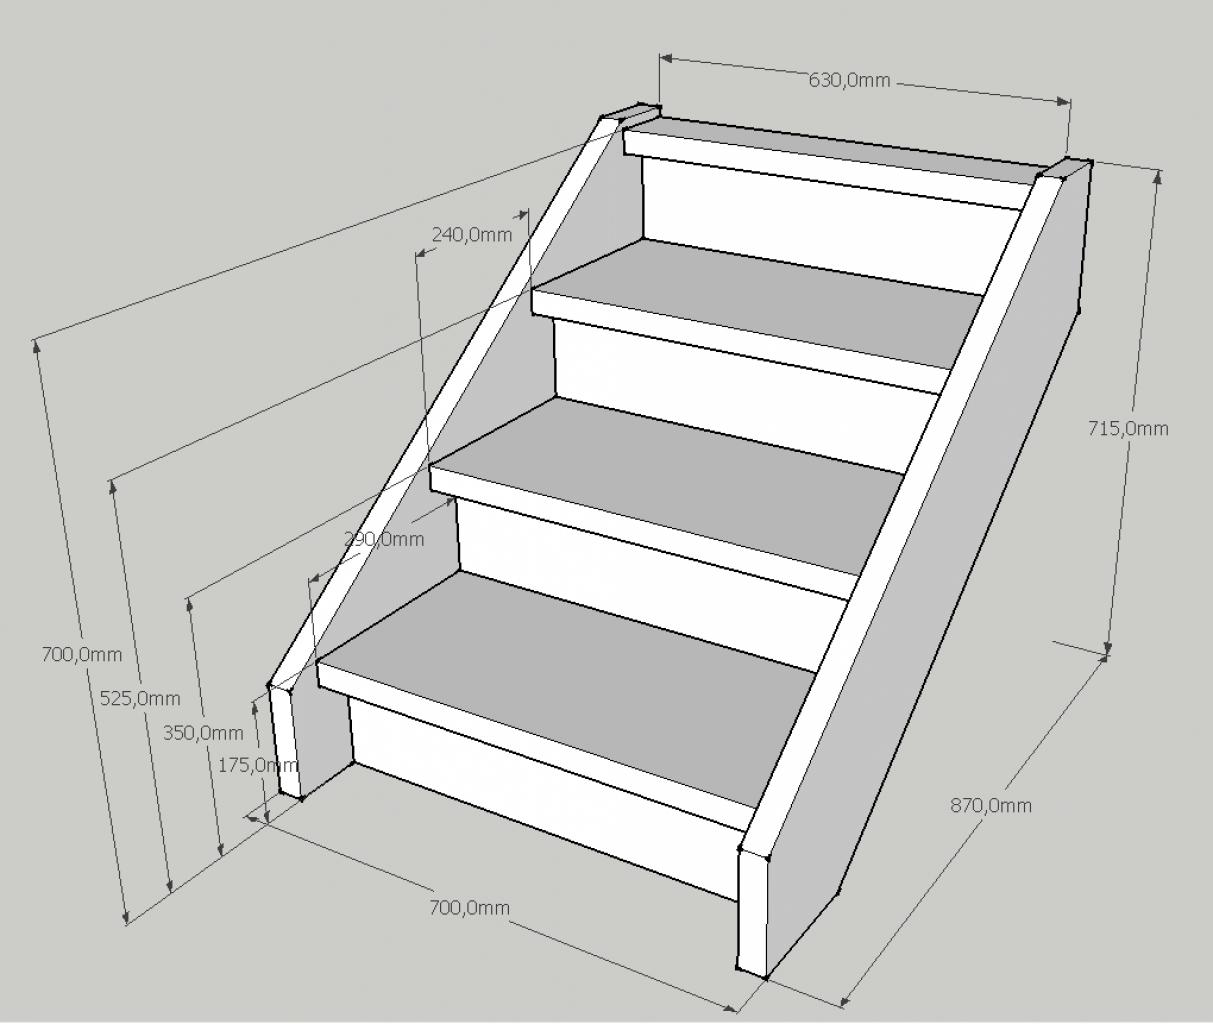 créer un petit escalier en bois de 3 marches - Construire Un Escalier Exterieur En Bois